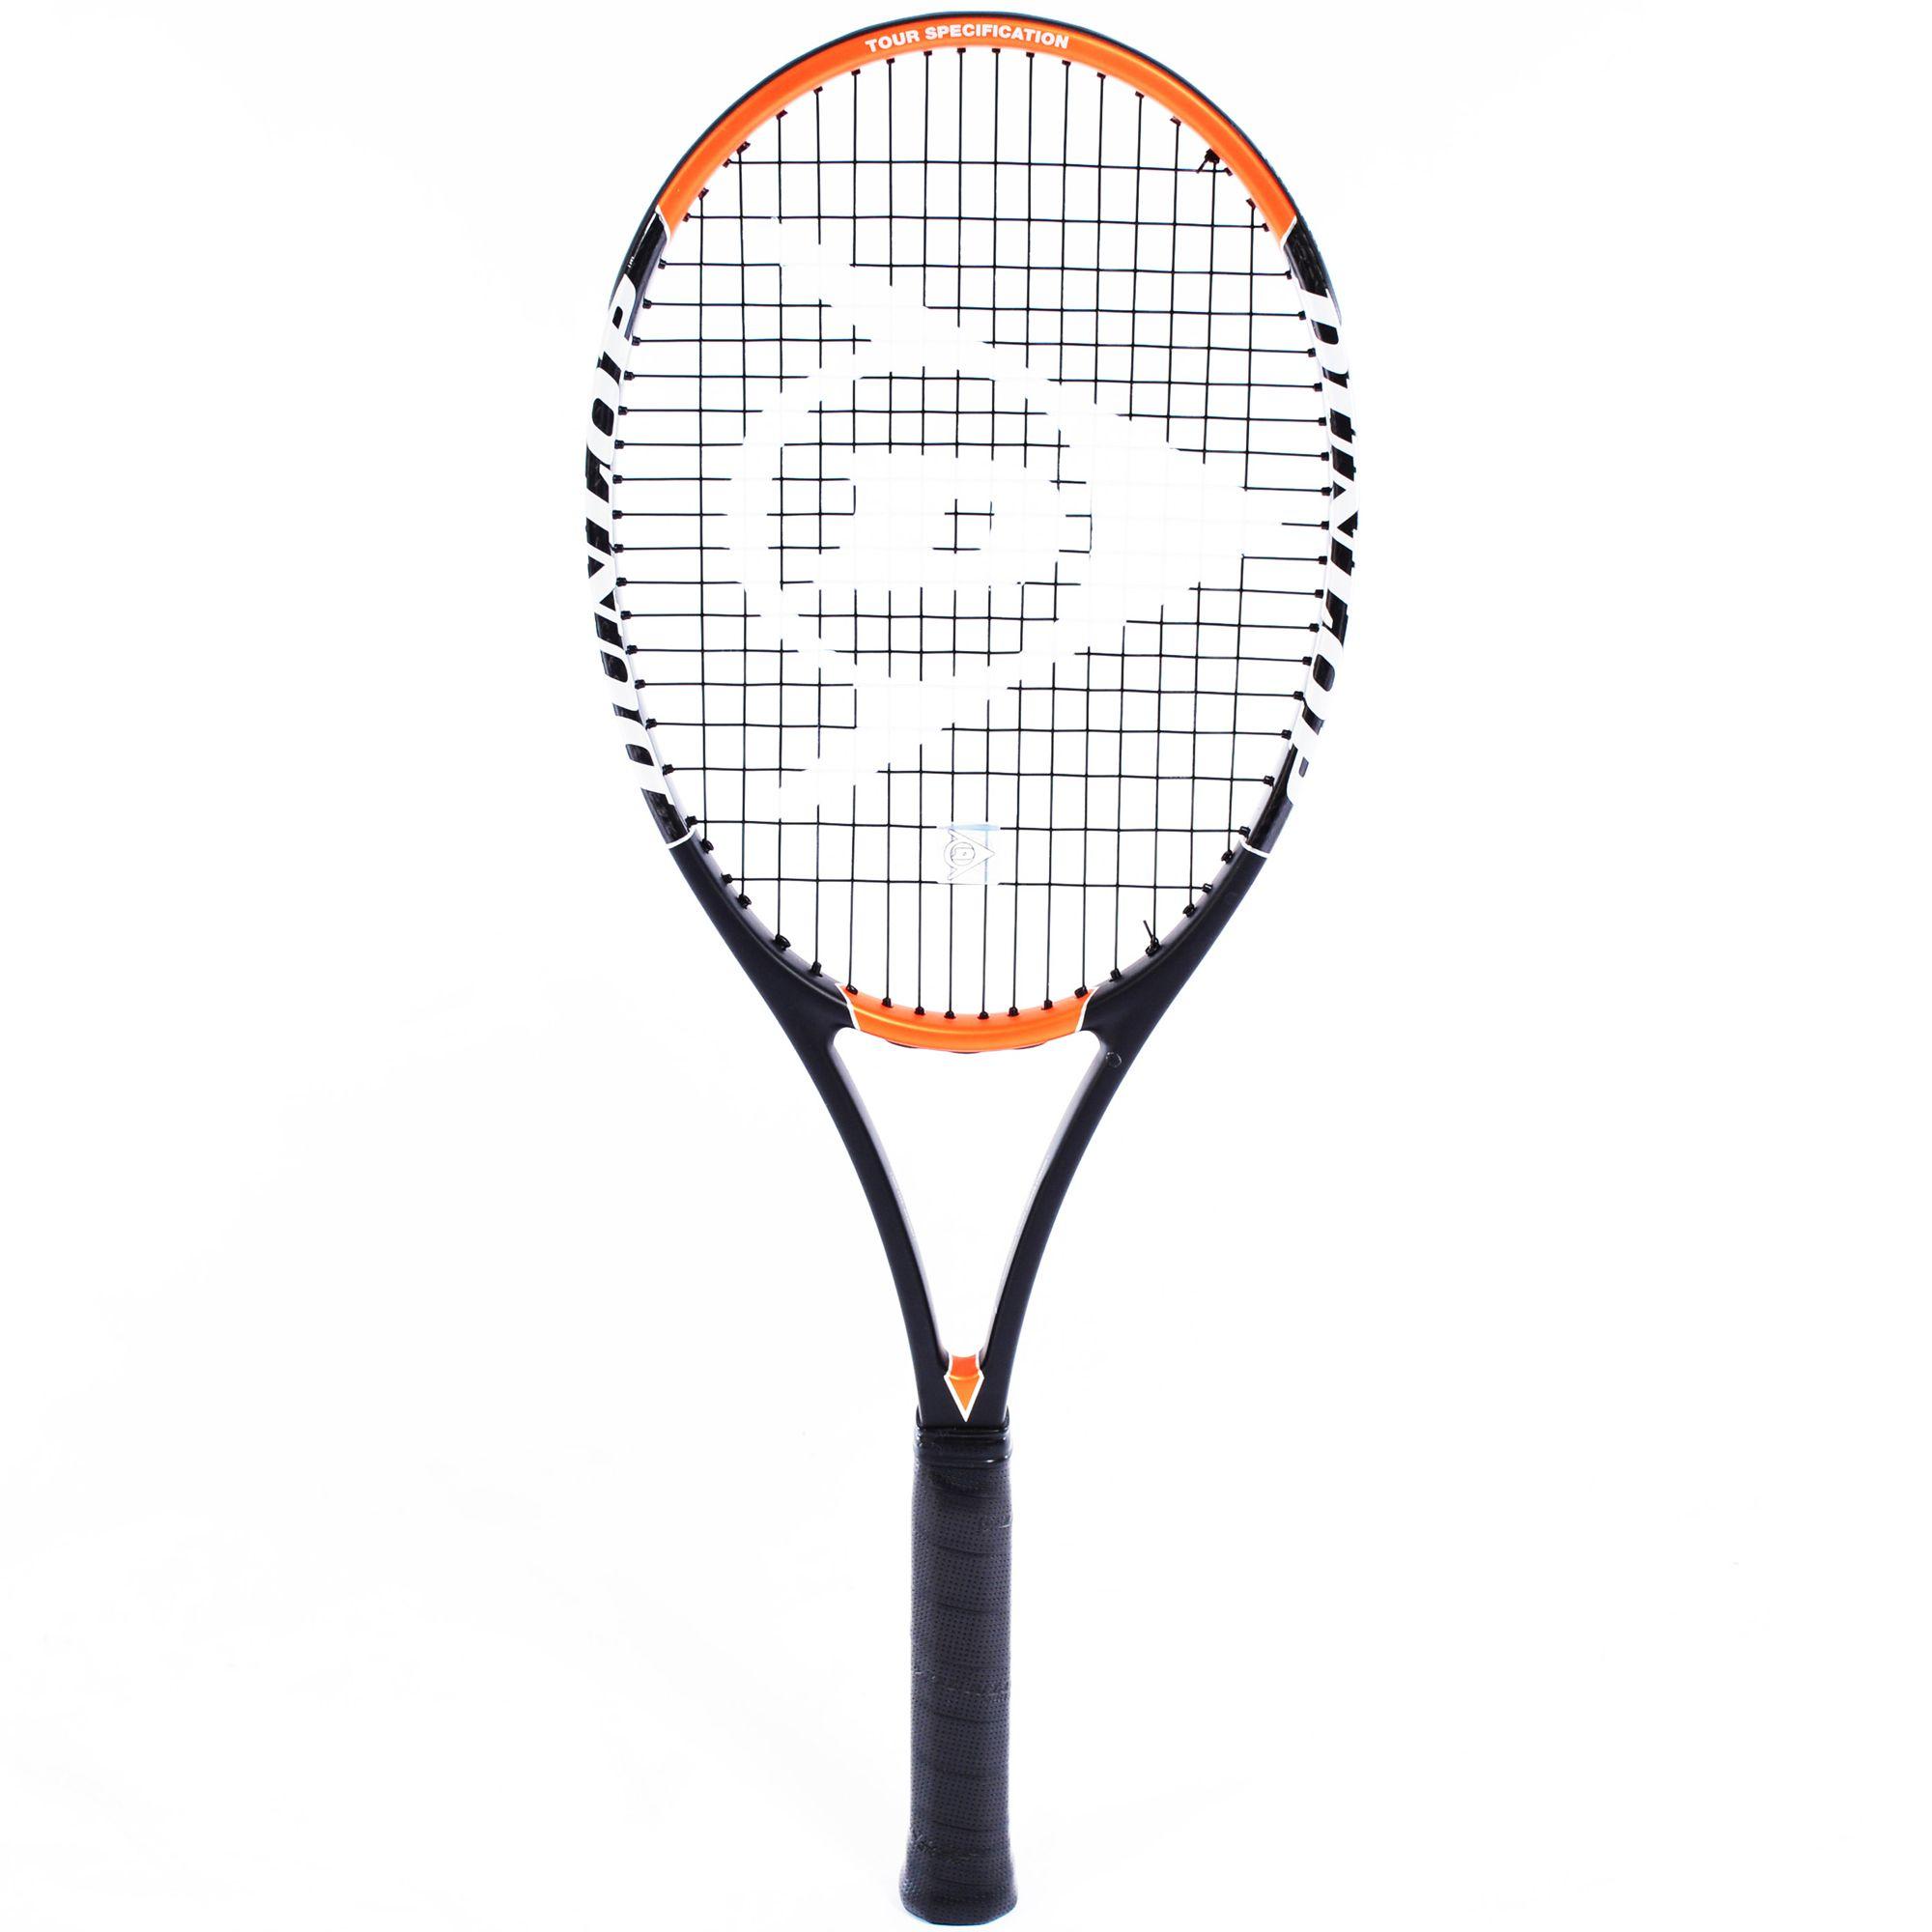 Dunlop Hot Melt 300 G Tennis Racket